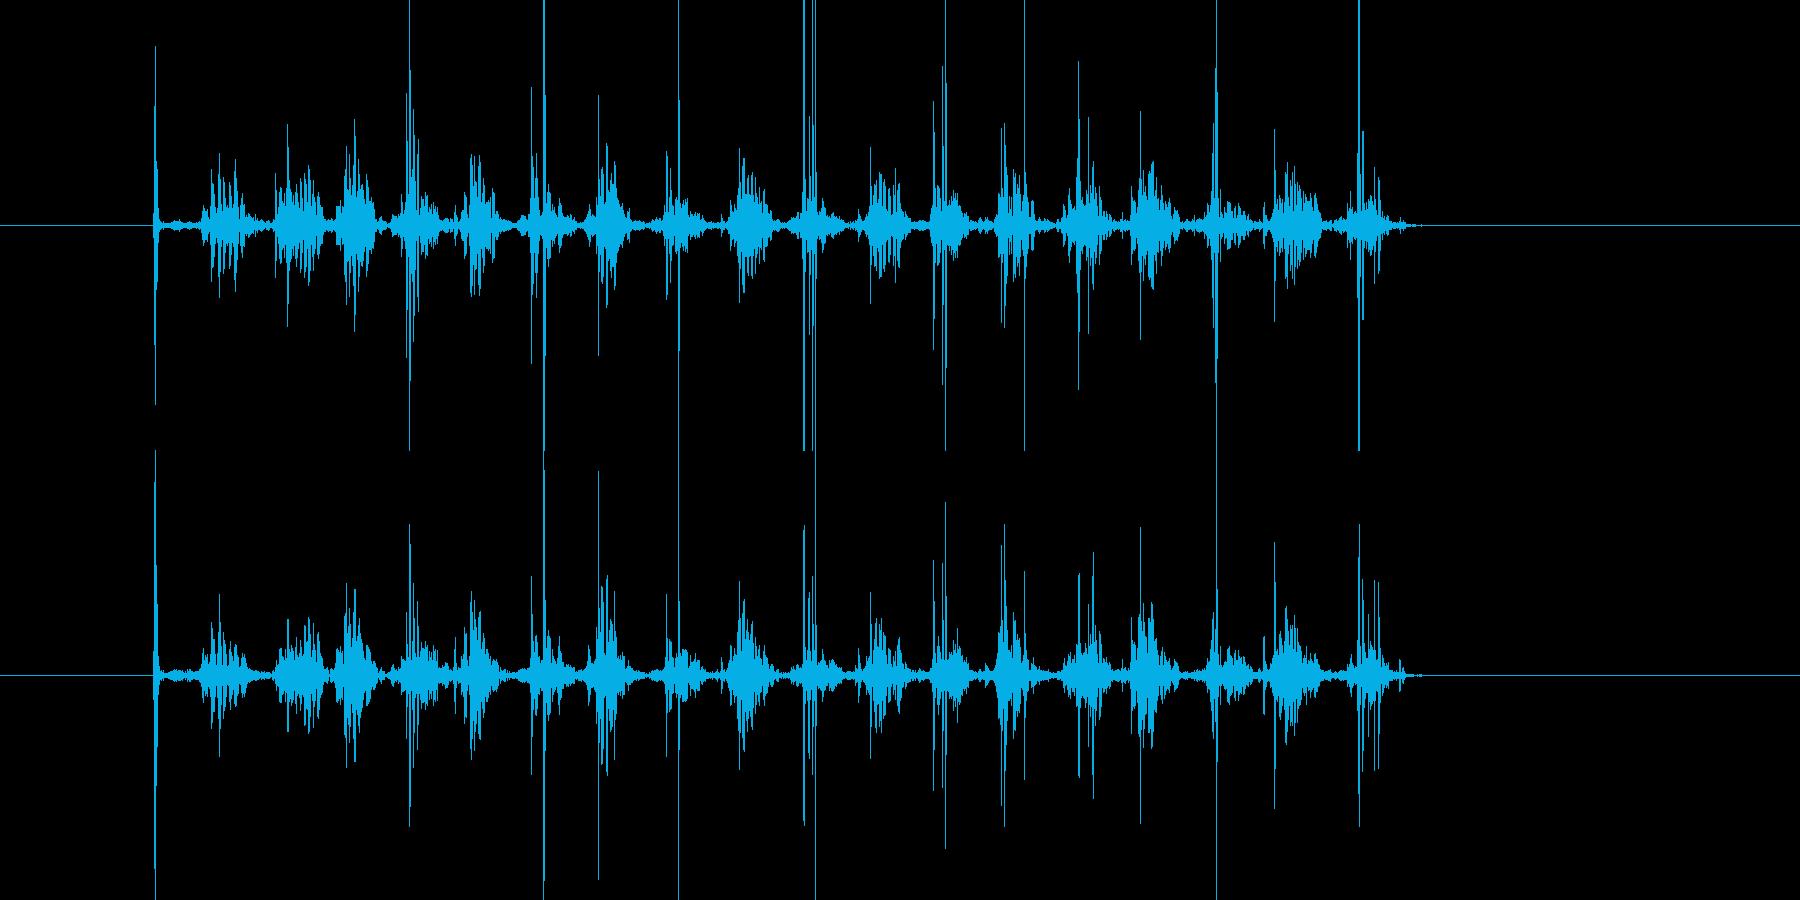 ガラガラ…ローラーを勢い良く転がす音の再生済みの波形